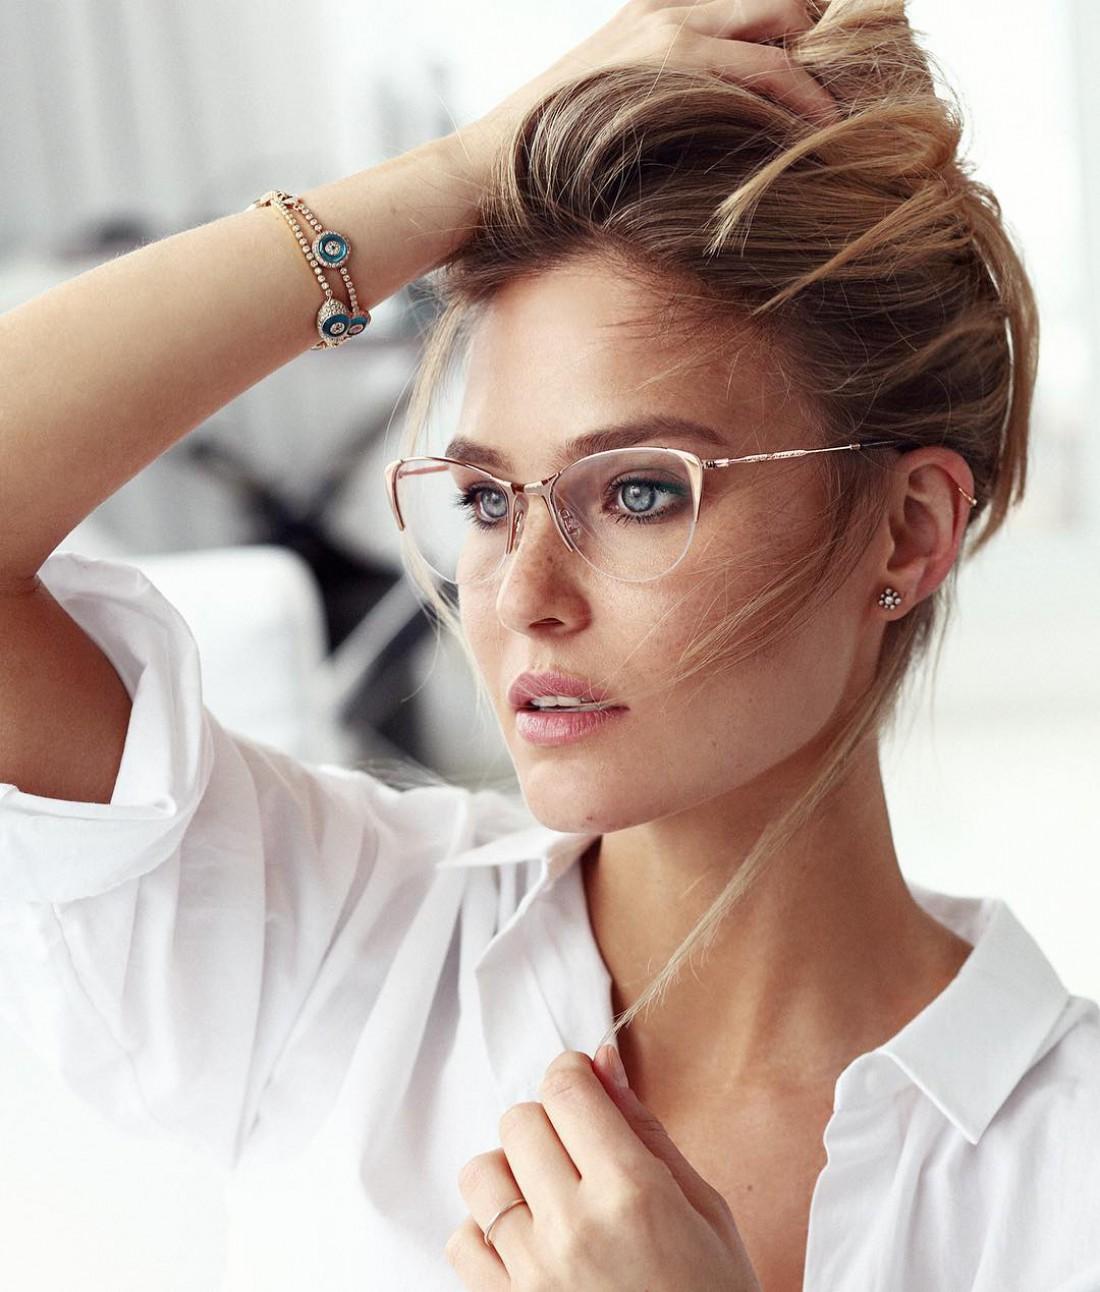 Бывшая подружка ДиКаприо модель Бар Рафаэли родила дочку